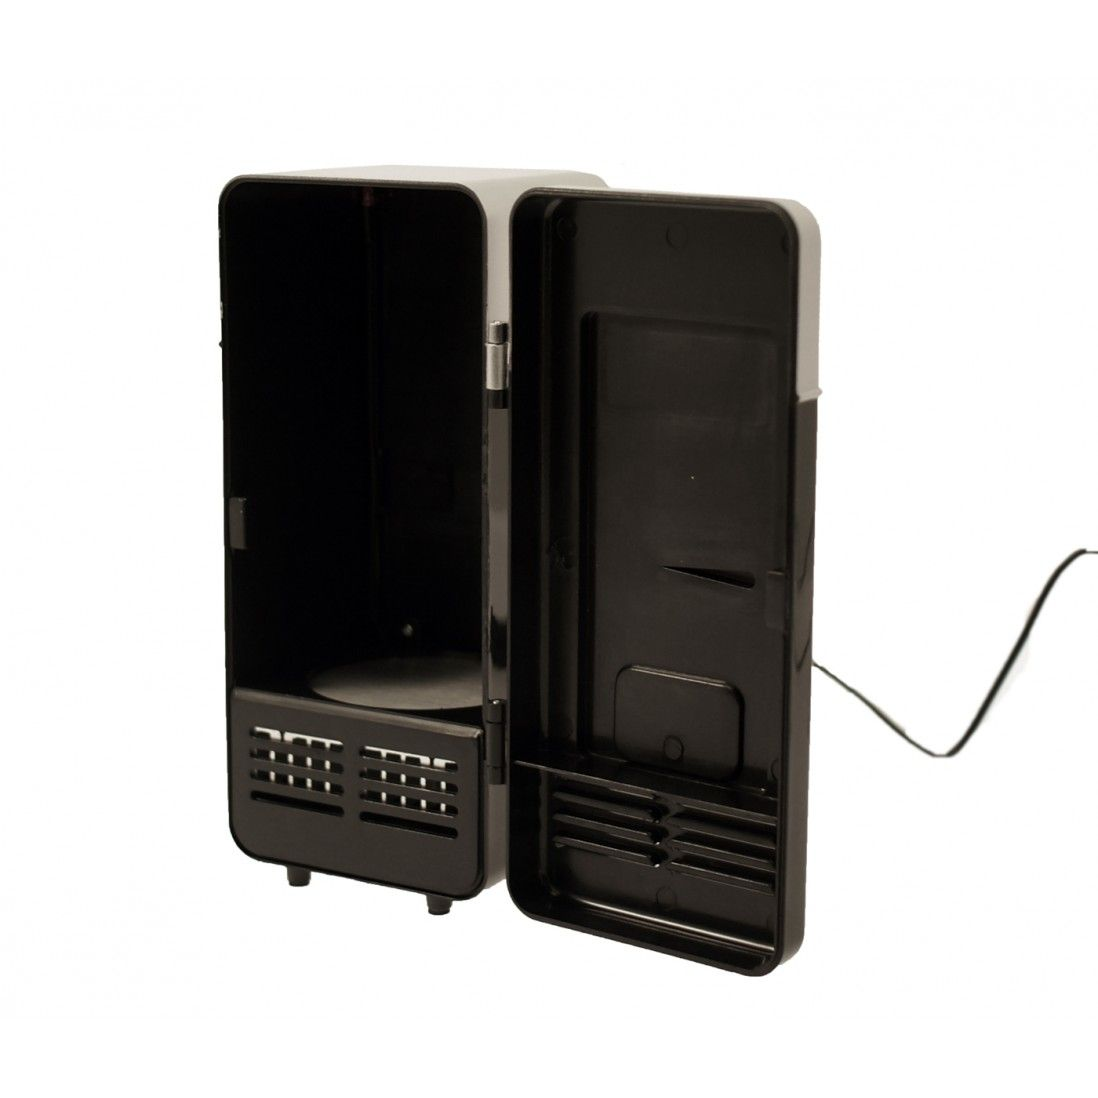 USB Kühlschrank - Mini-Kühlschrank im Retro-Style ...